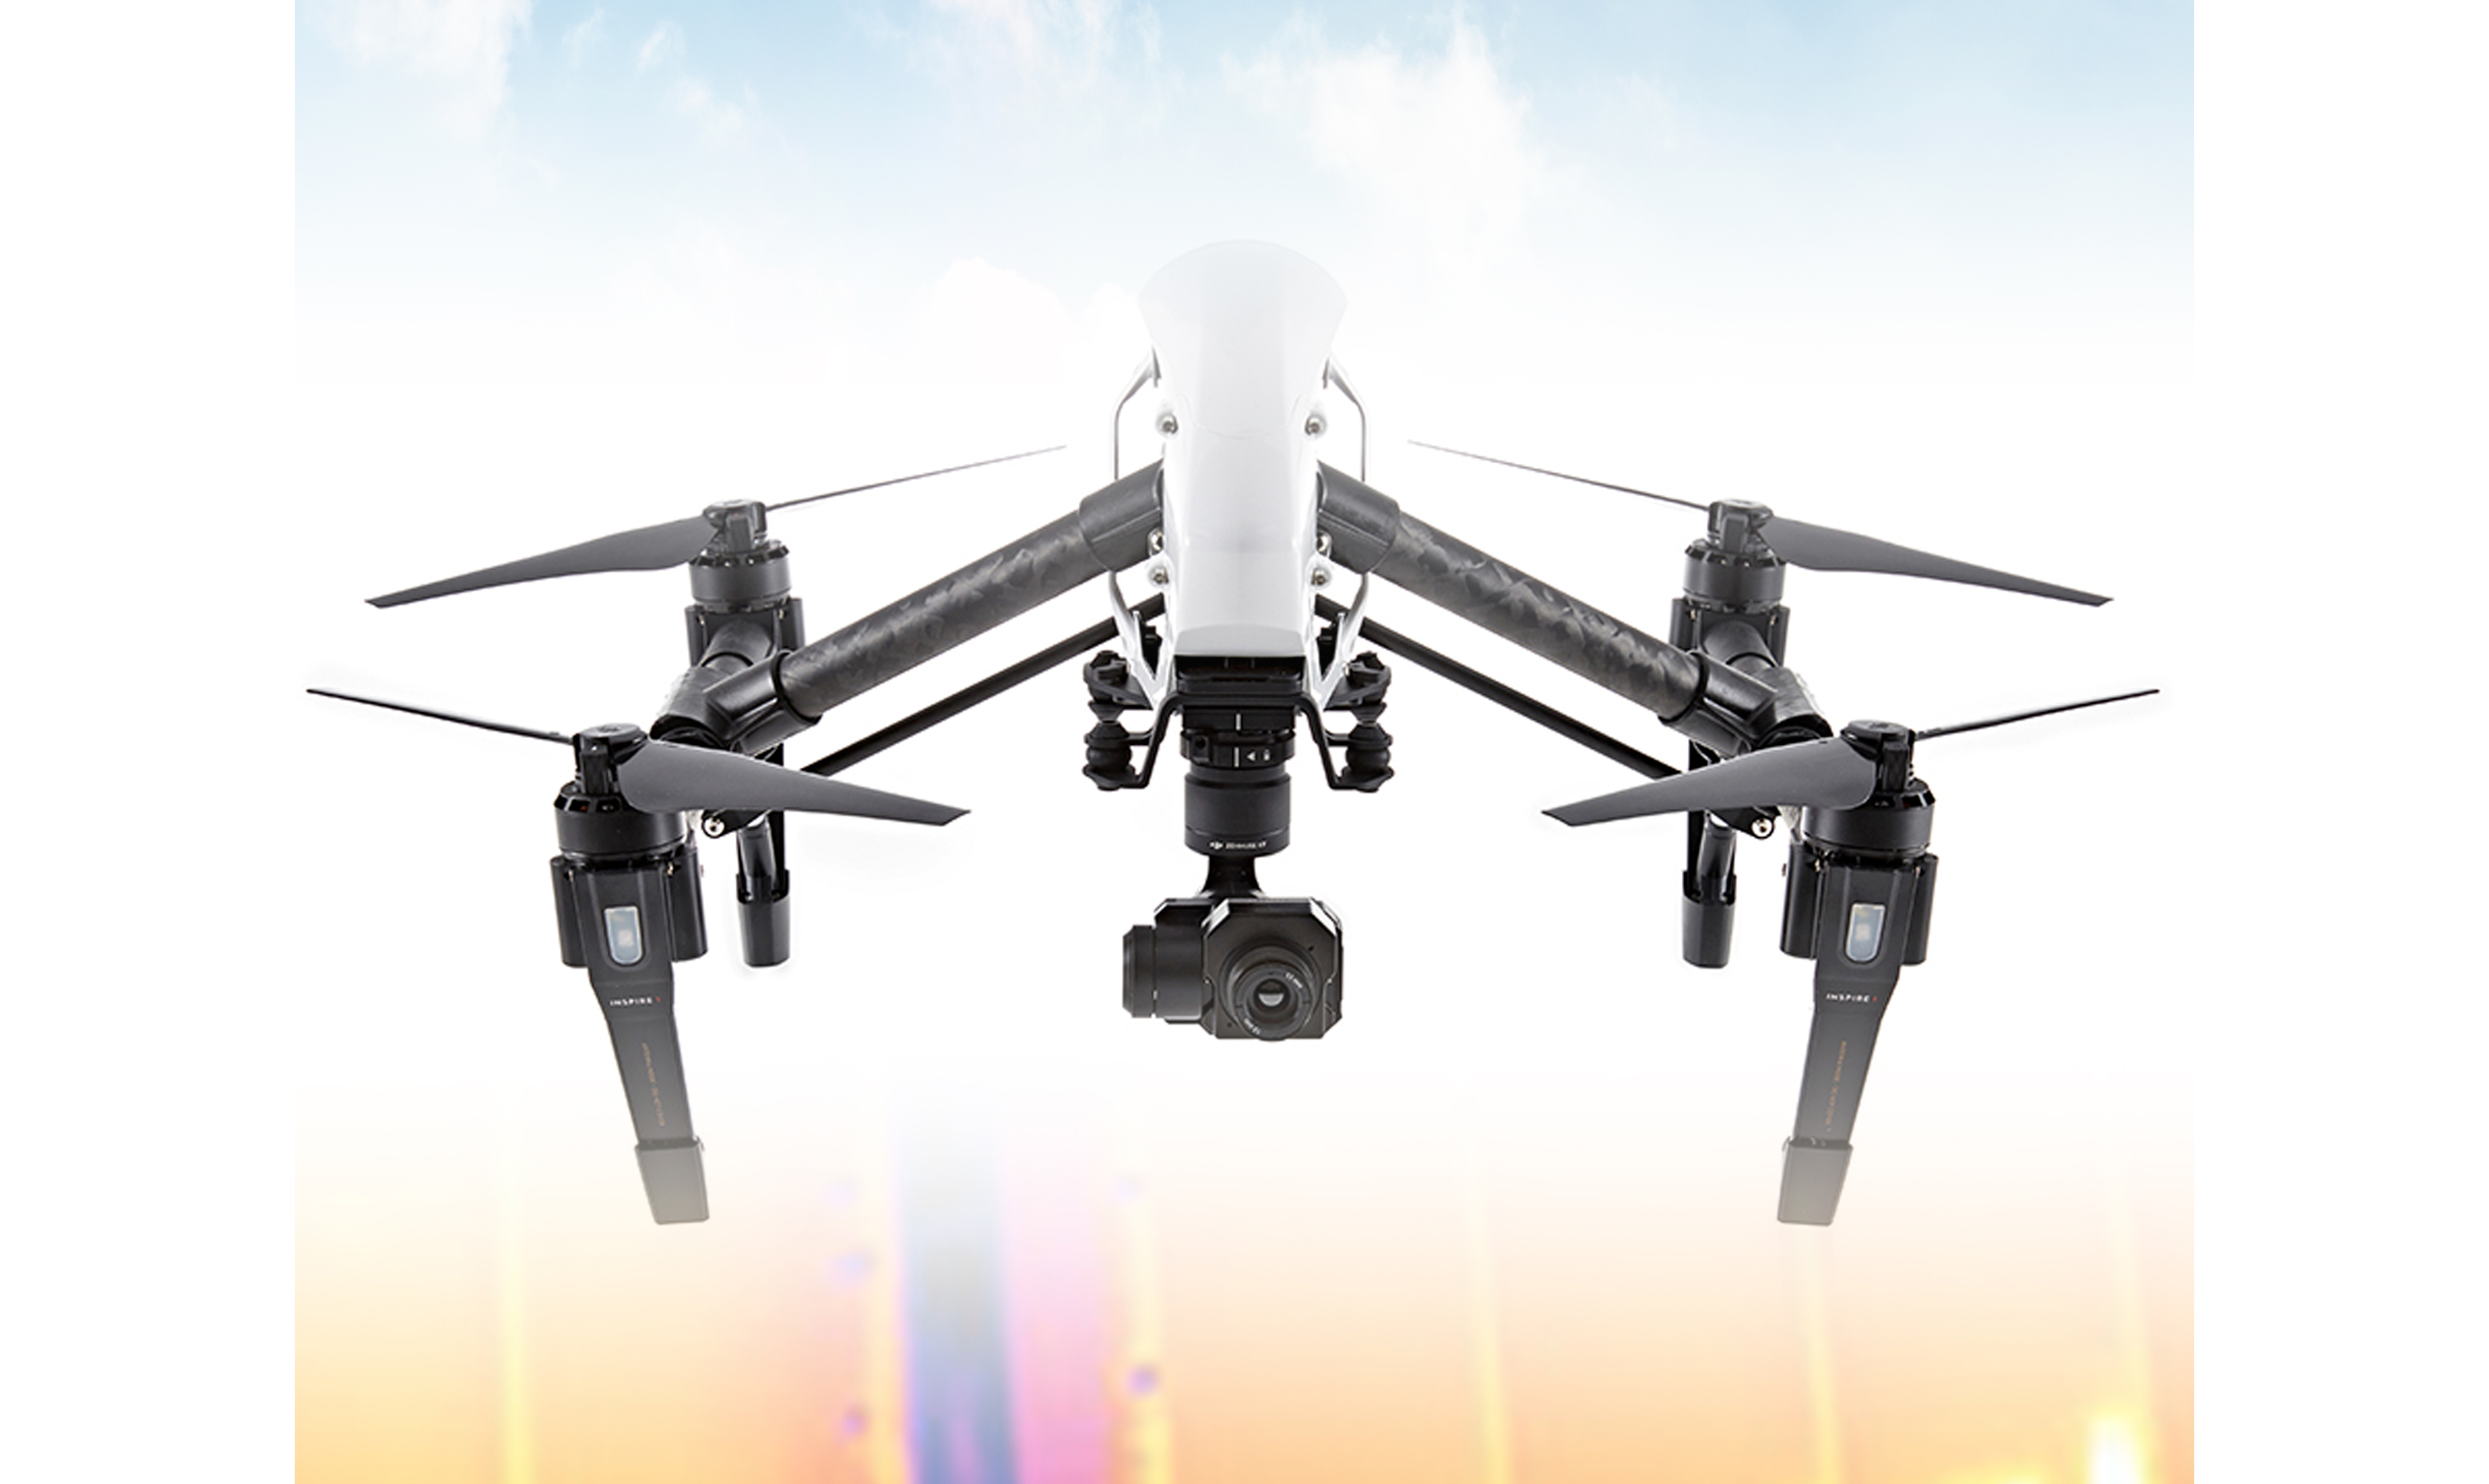 La feria Genera mostrará drones para el mantenimiento e inspección de líneas eléctricas